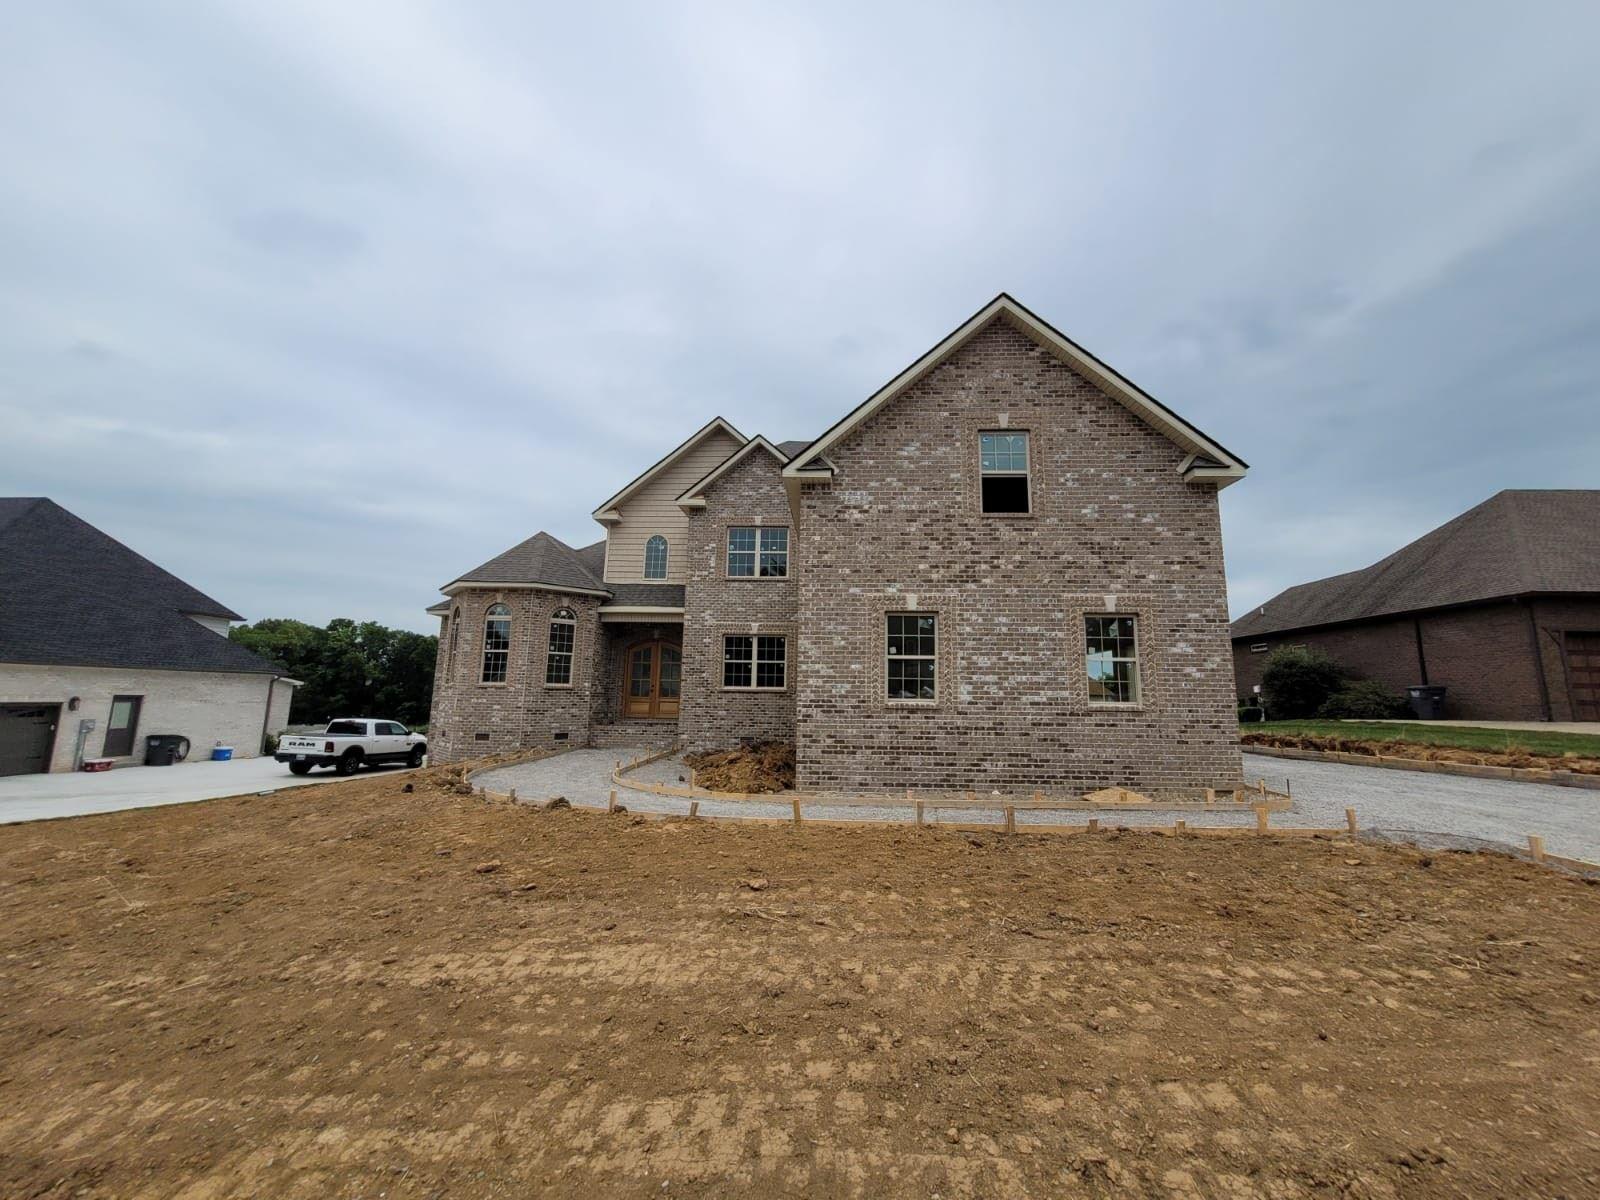 73 Copperstone, Clarksville, TN 37043 - MLS#: 2198927